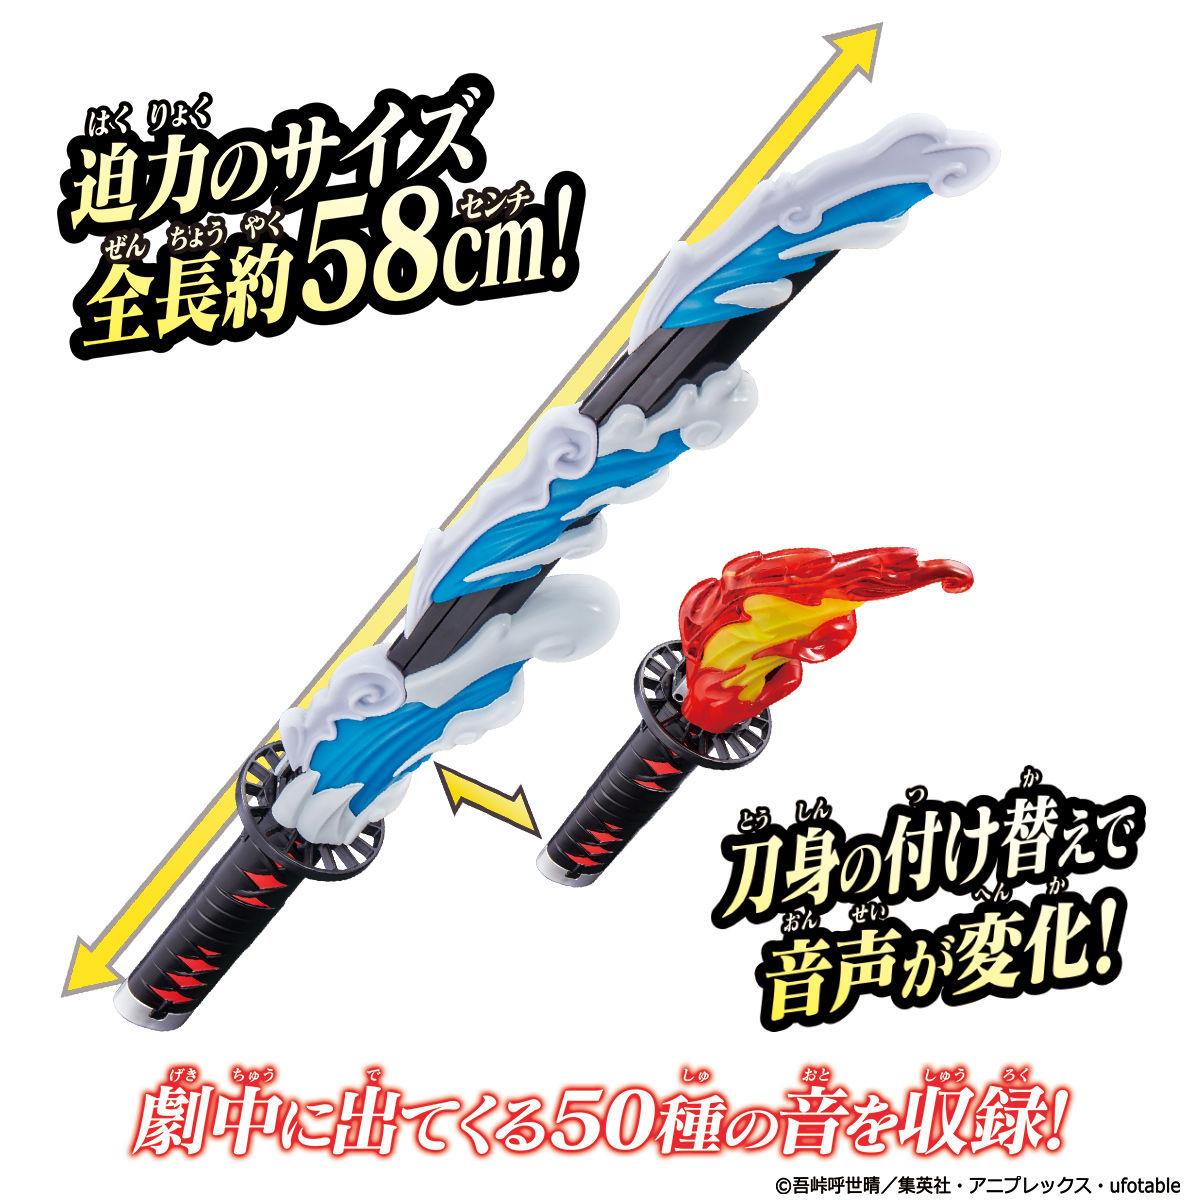 鬼滅の刃 DX日輪刀